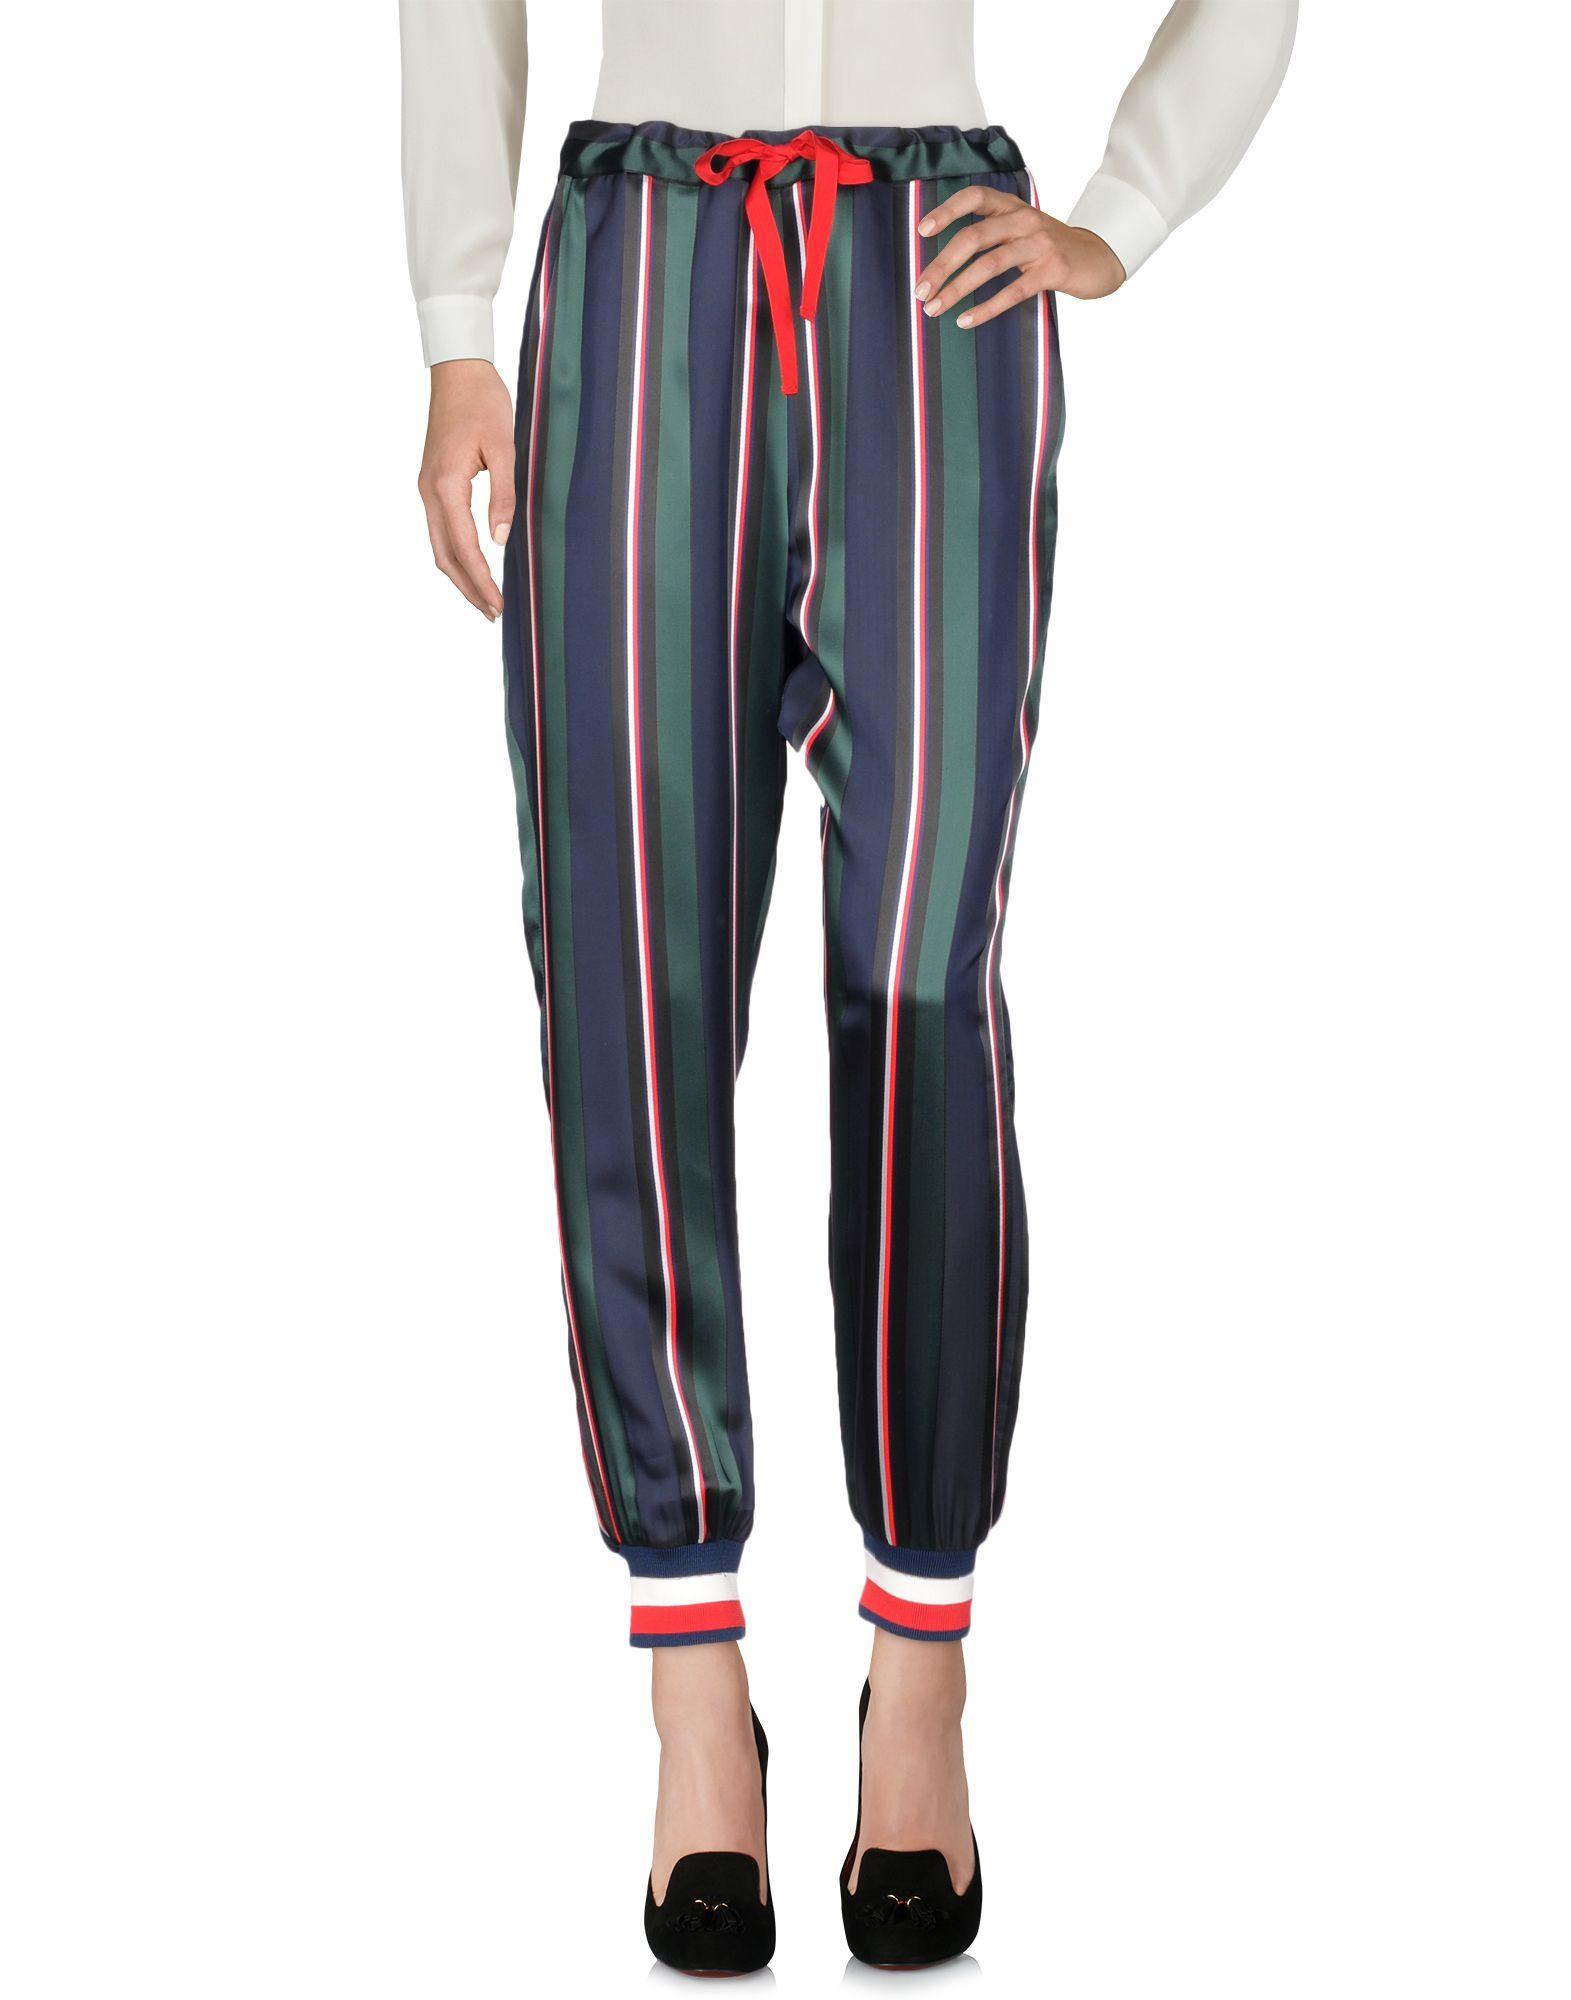 HILFIGER COLLECTION Повседневные брюки playboy vip collection повседневные брюки мужские девятки брюки тонкие тонкие фитинги прямые брюки 1904 черный 34